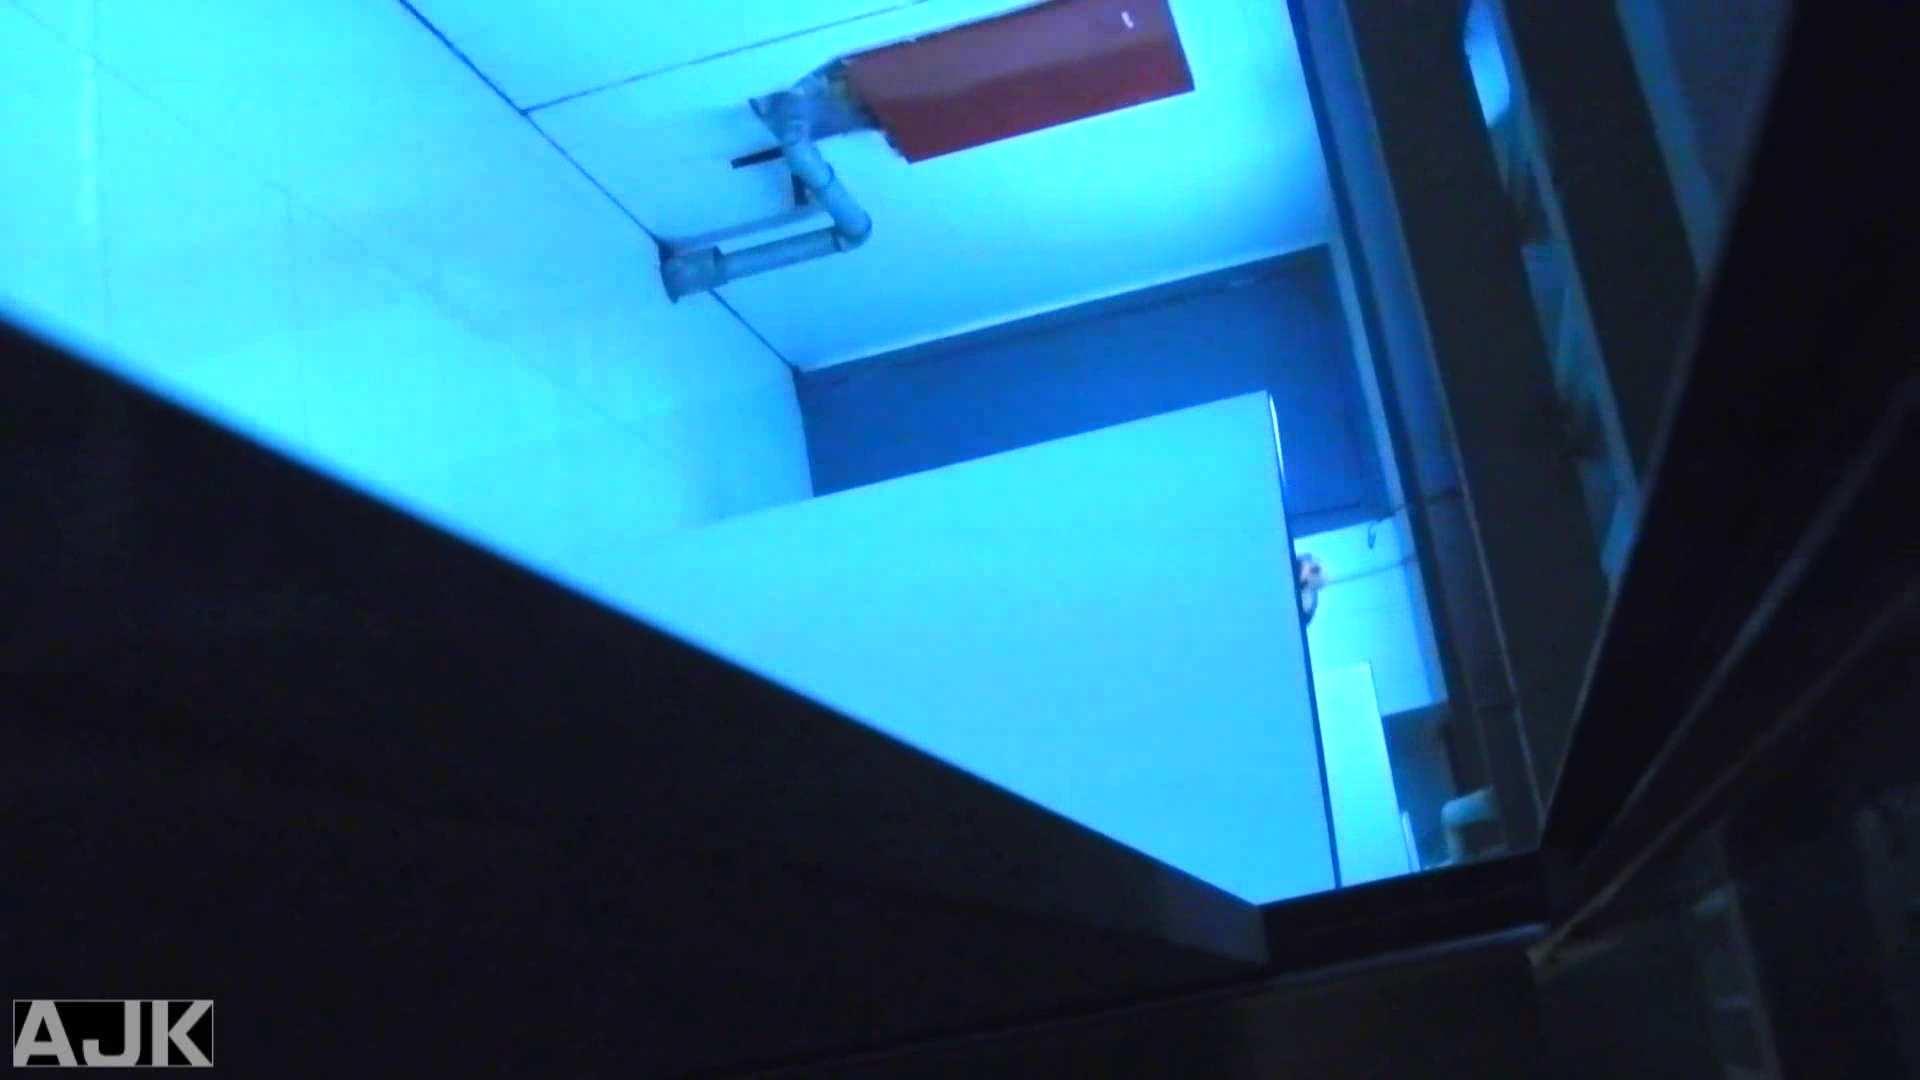 神降臨!史上最強の潜入かわや! vol.15 マンコエロすぎ 濡れ場動画紹介 89PIX 51